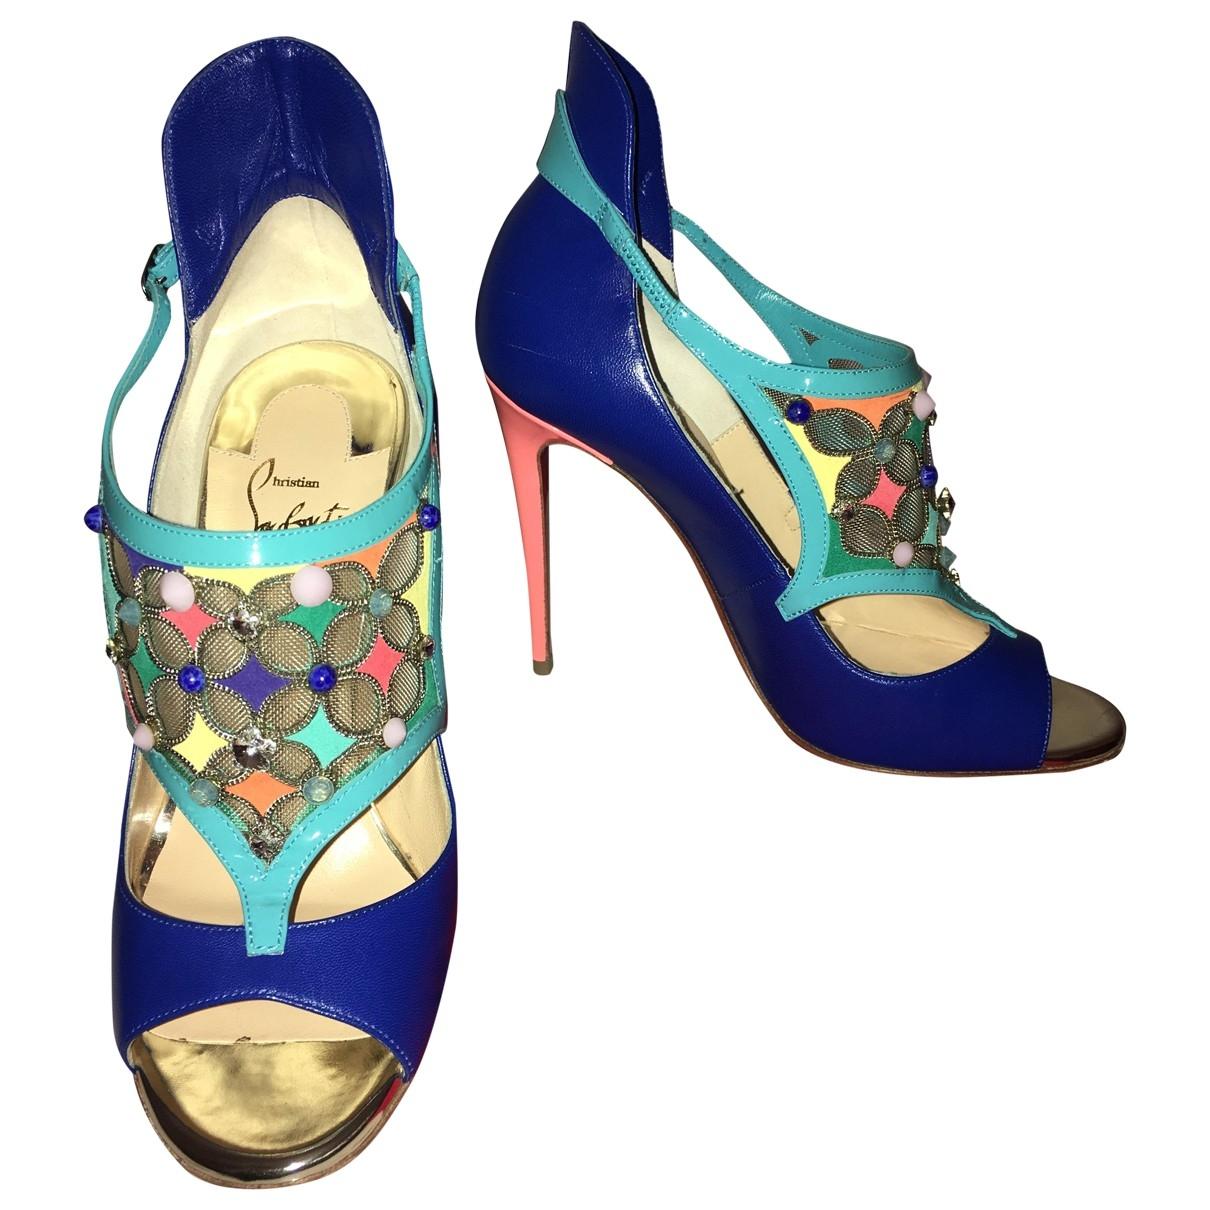 Christian Louboutin - Sandales   pour femme en cuir - bleu